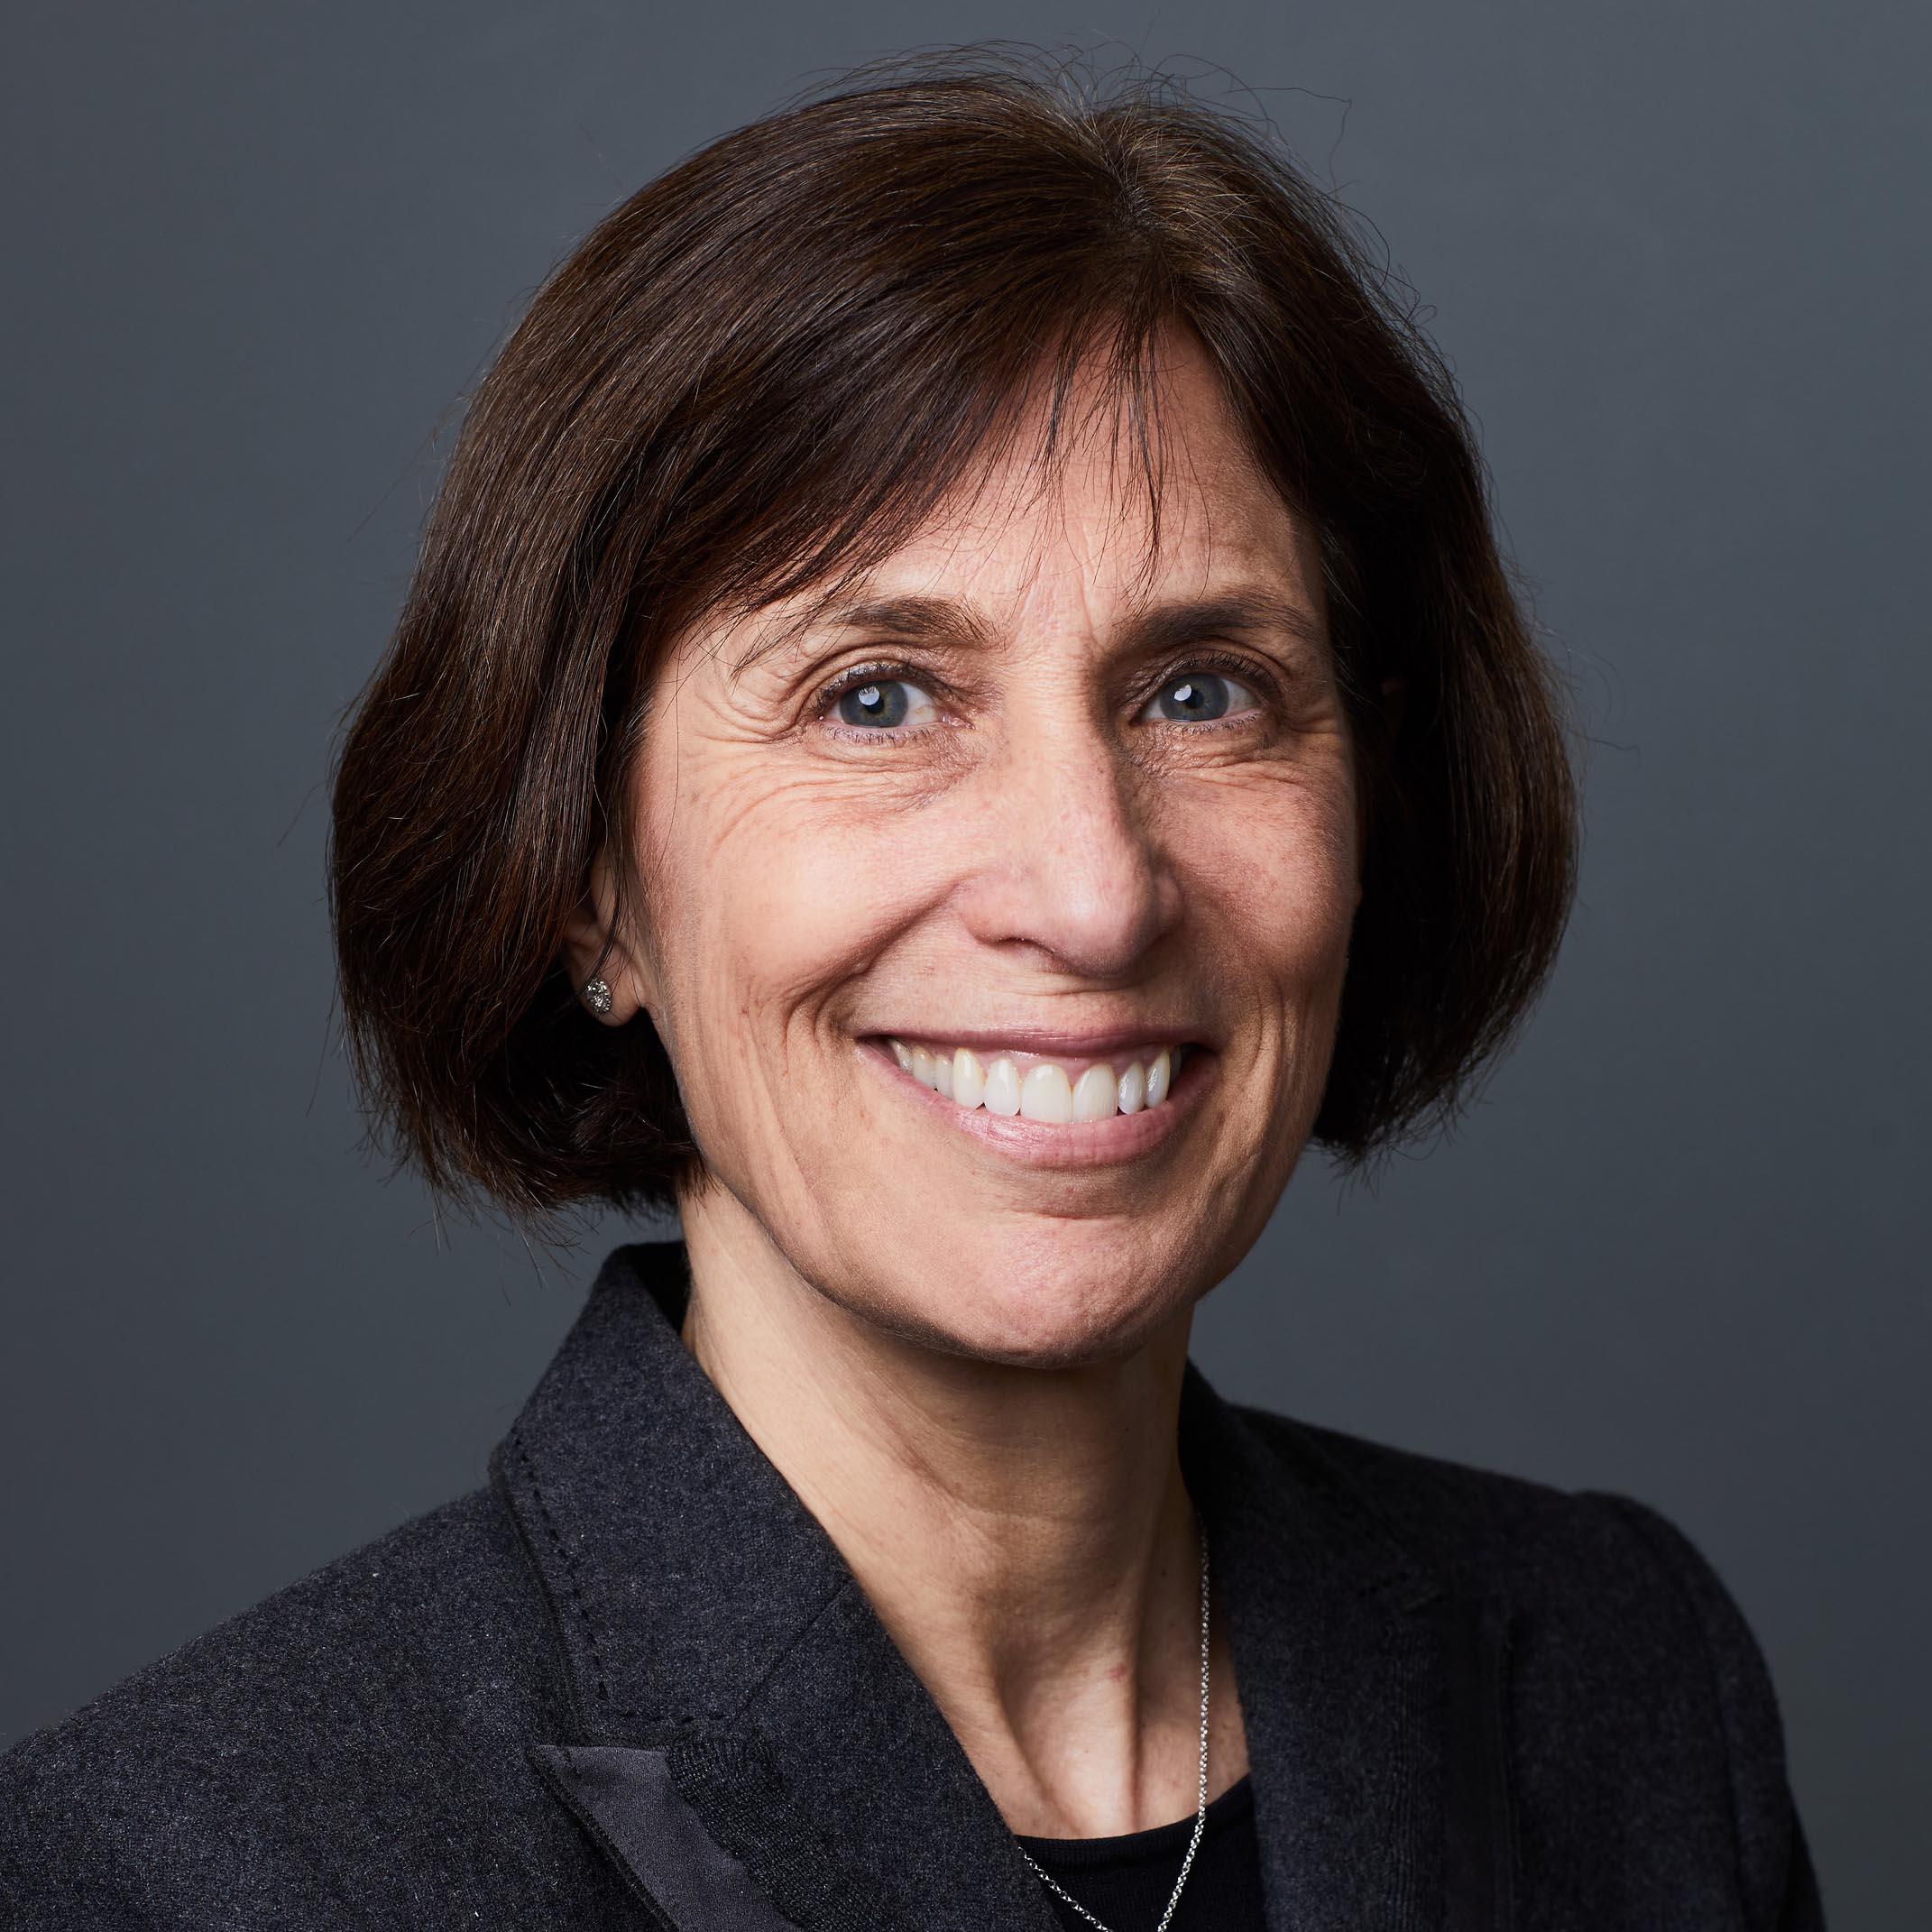 Headshot of Linda Gerber